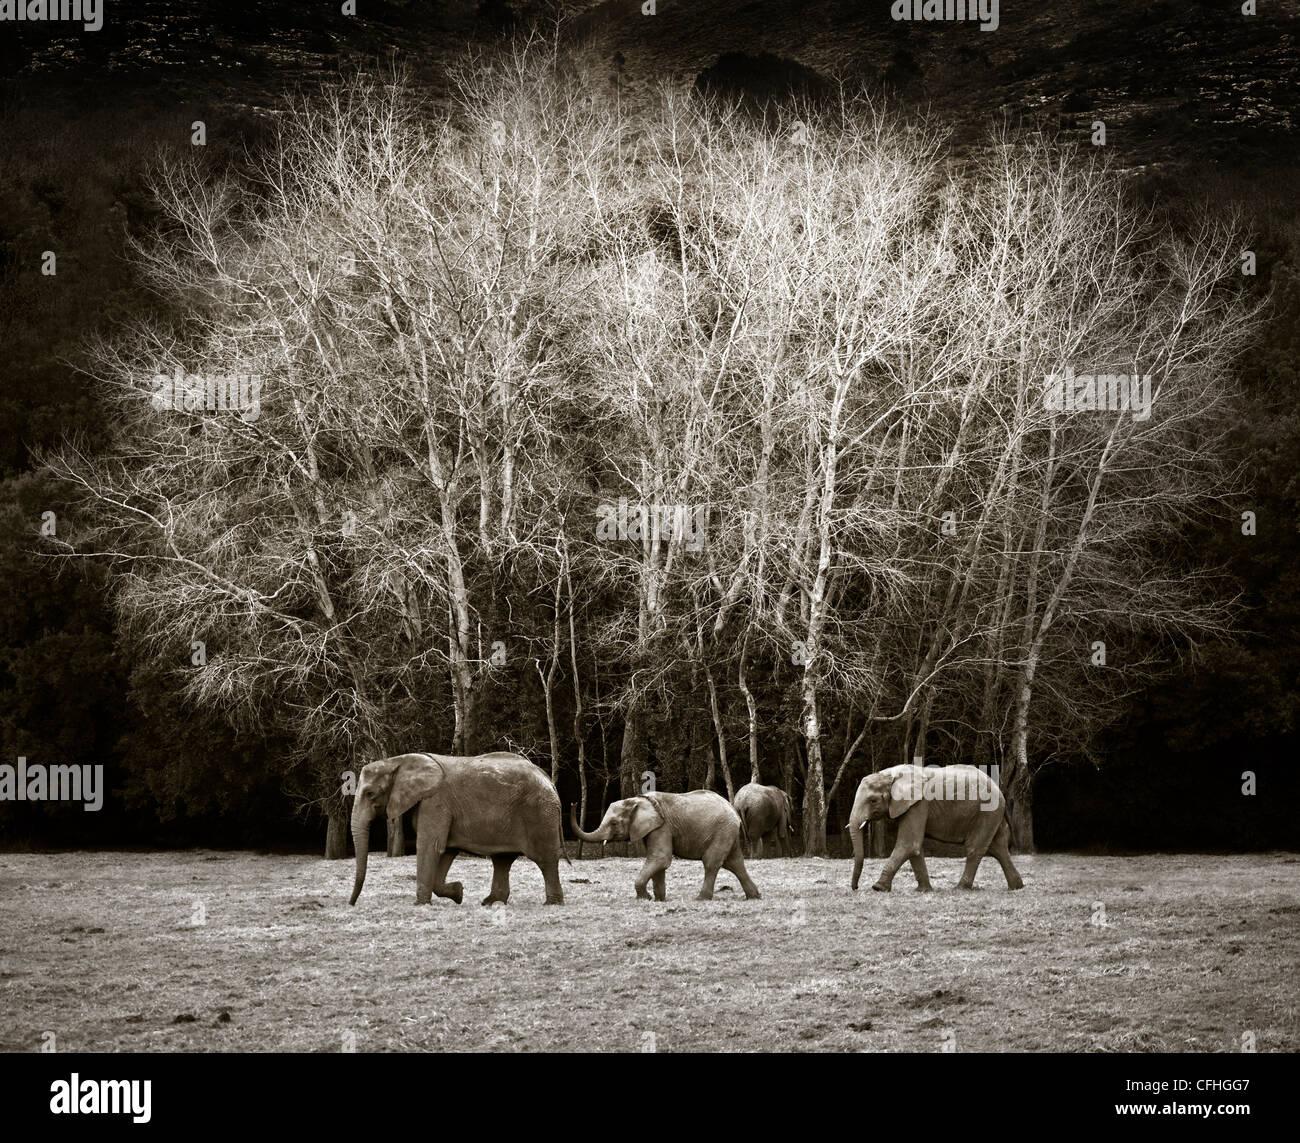 Tre elefanti africani a piedi, Cabarceno, Spagna Immagini Stock